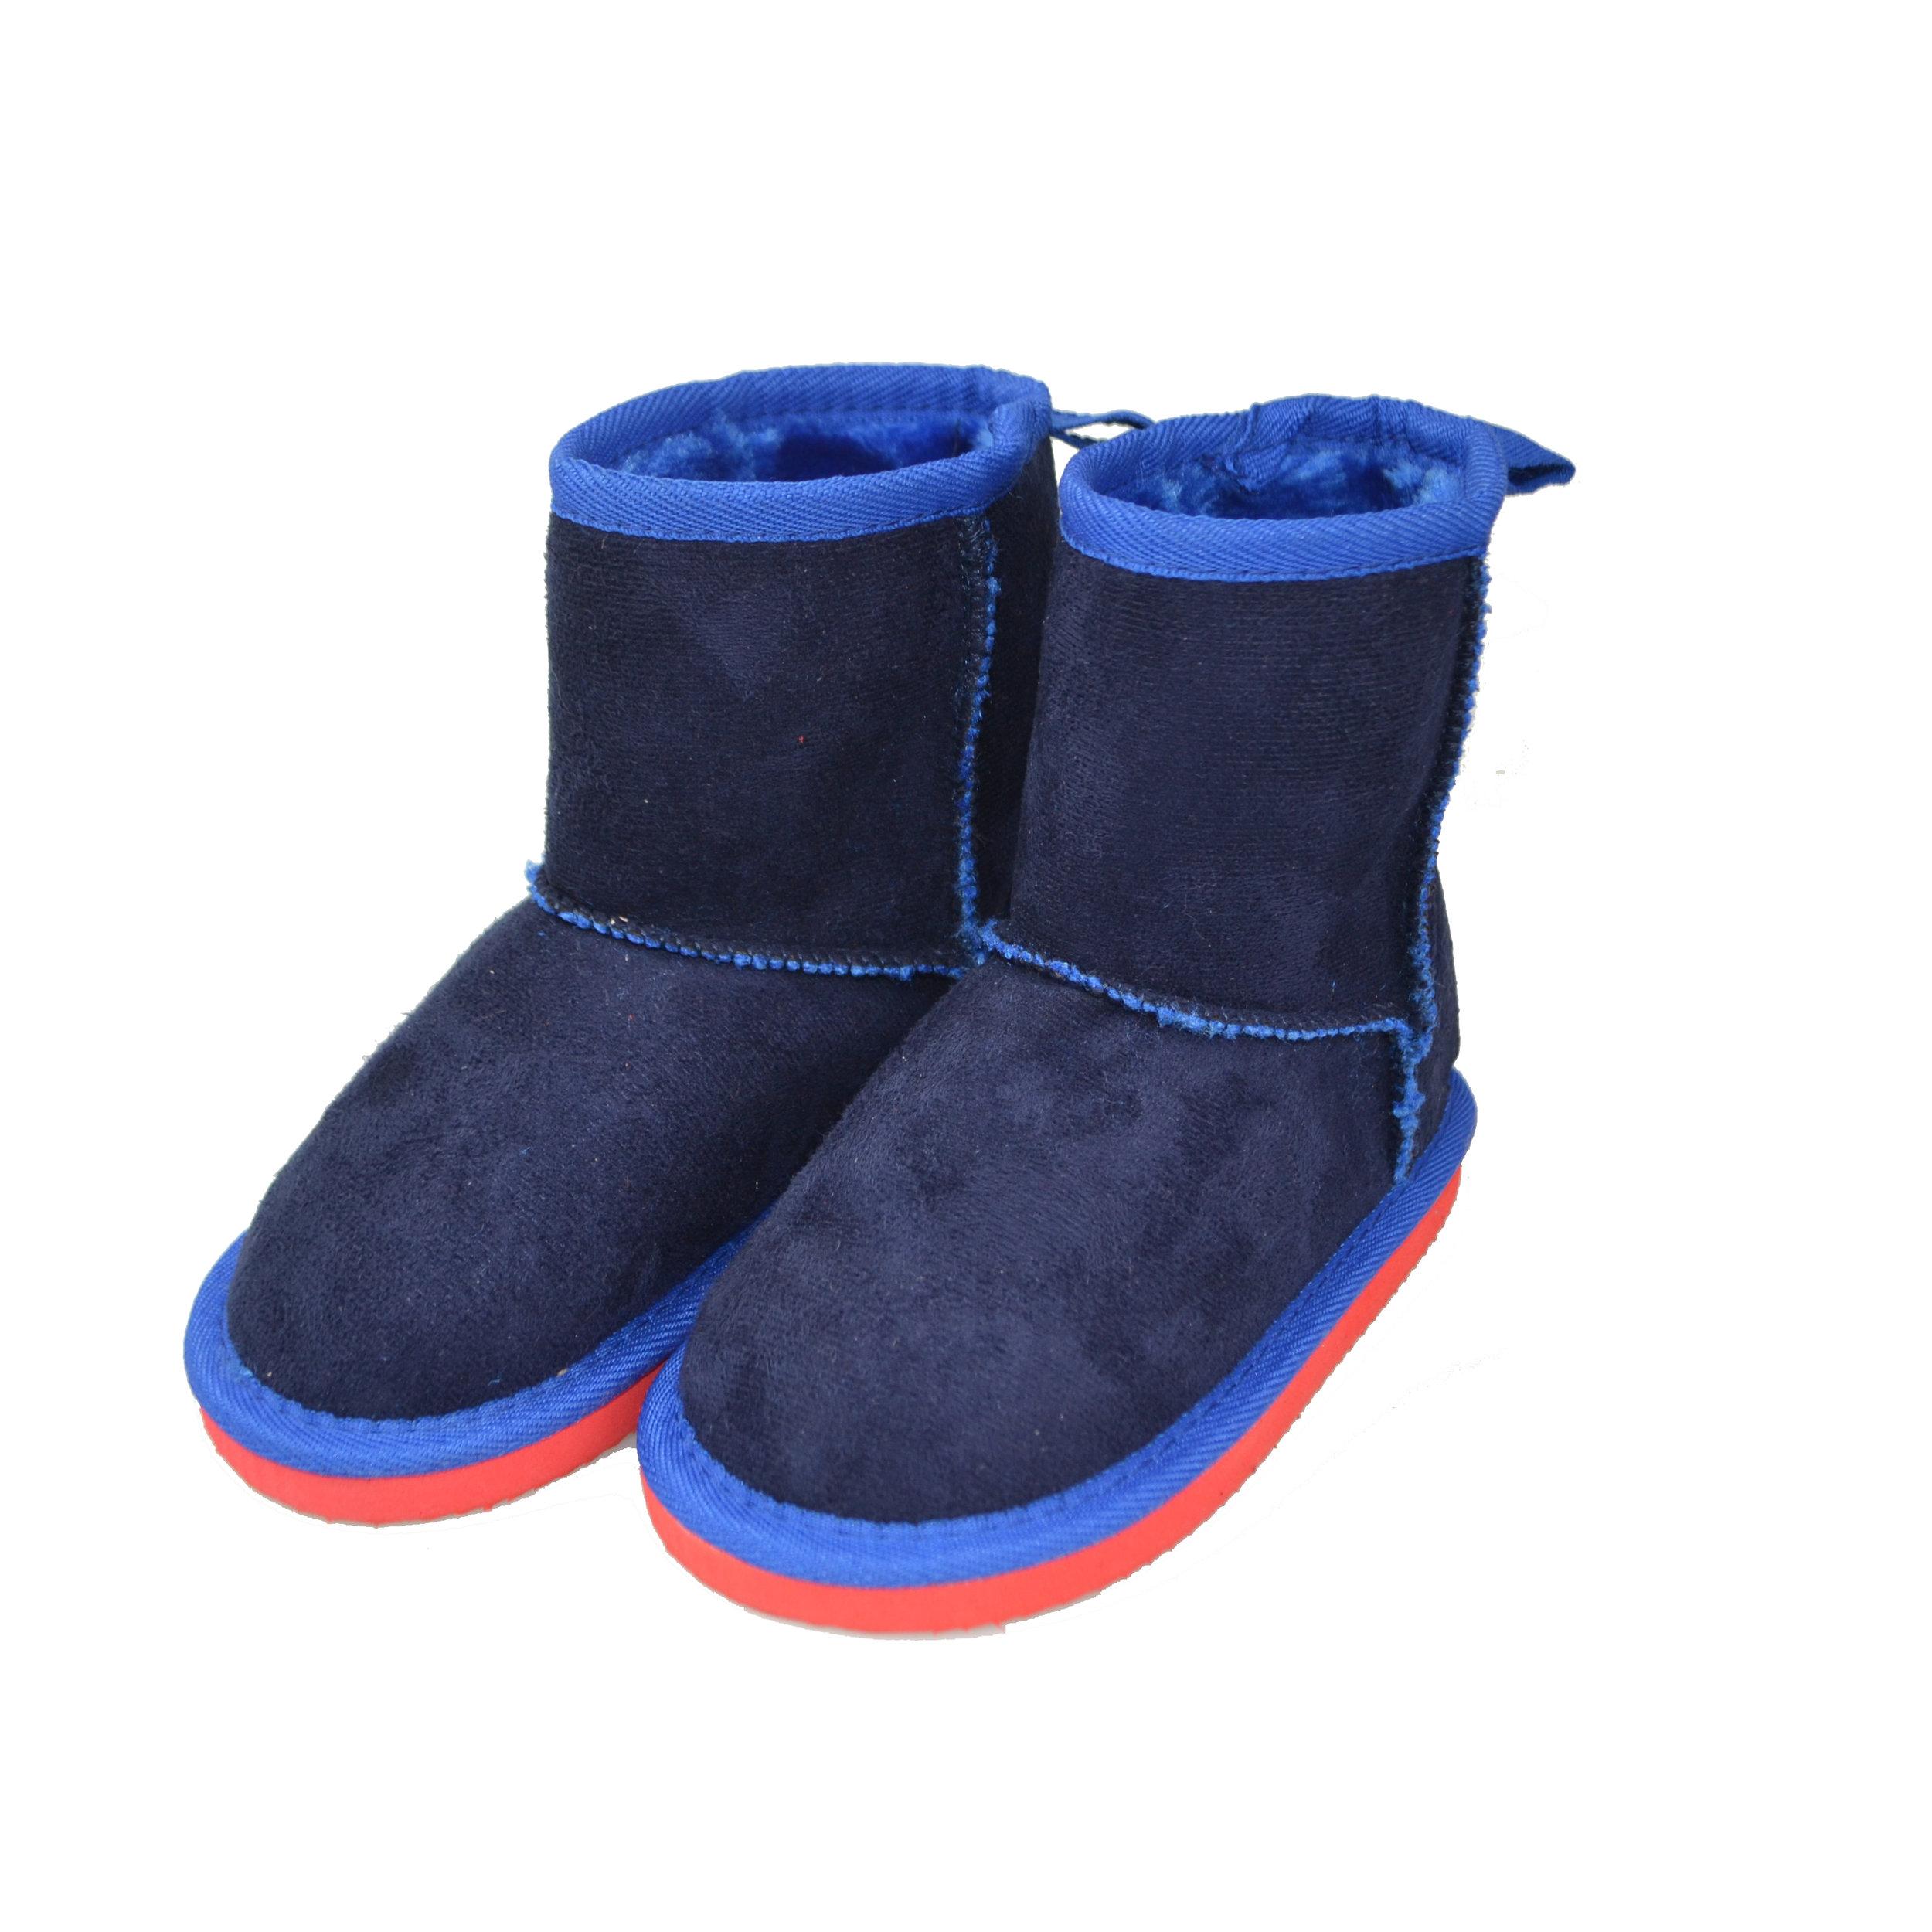 Kmart Jnr Boys Slippers, $8